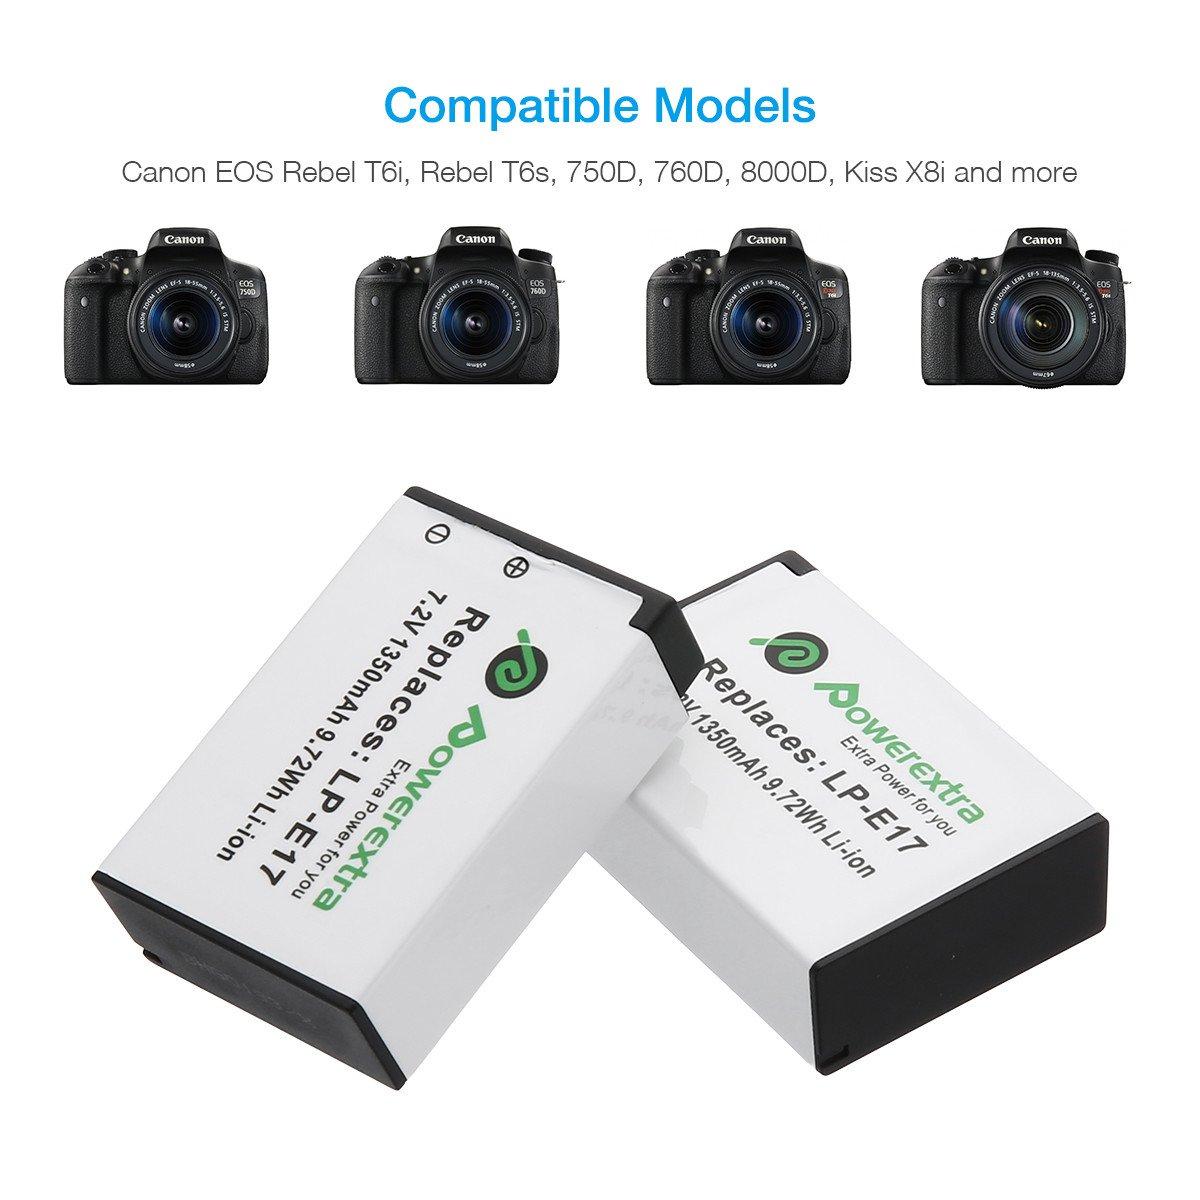 PATONA Dual Cargador LP-E17 para Bater/ía Canon EOS 750D 760D 8000D Kiss X8i M3 Rebel T6i T6s con micro USB